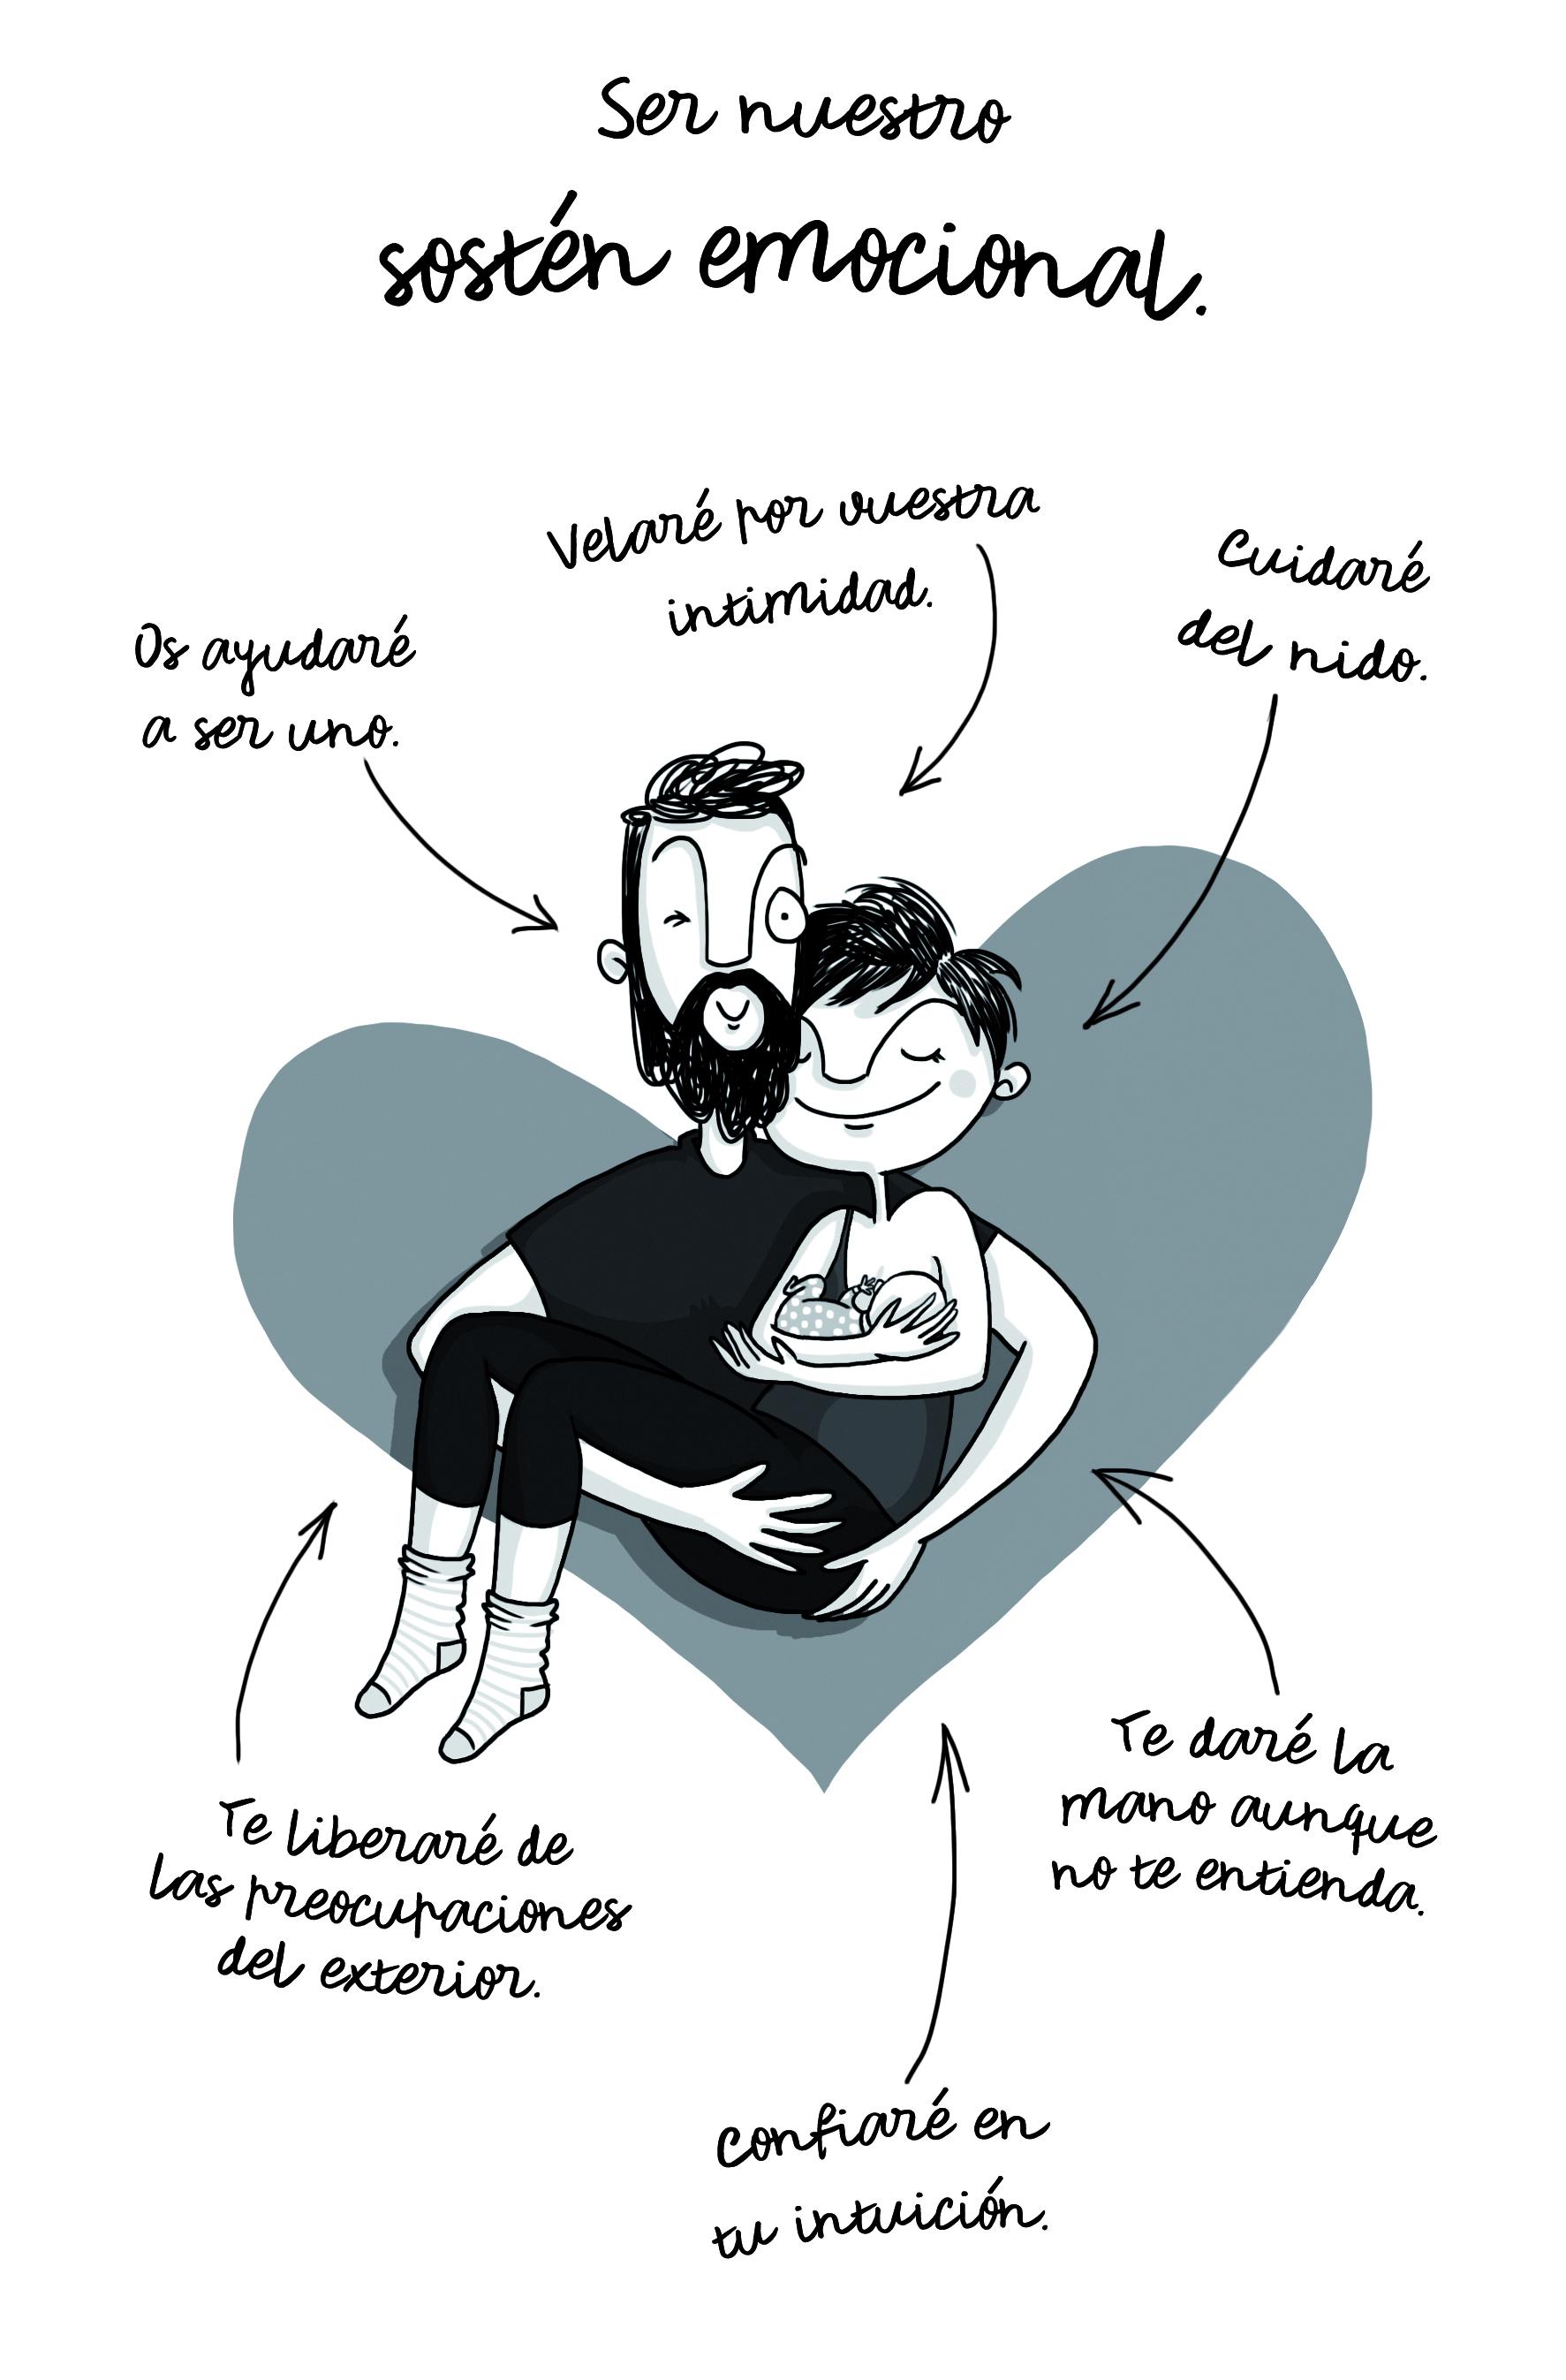 9_sostenemocional_2